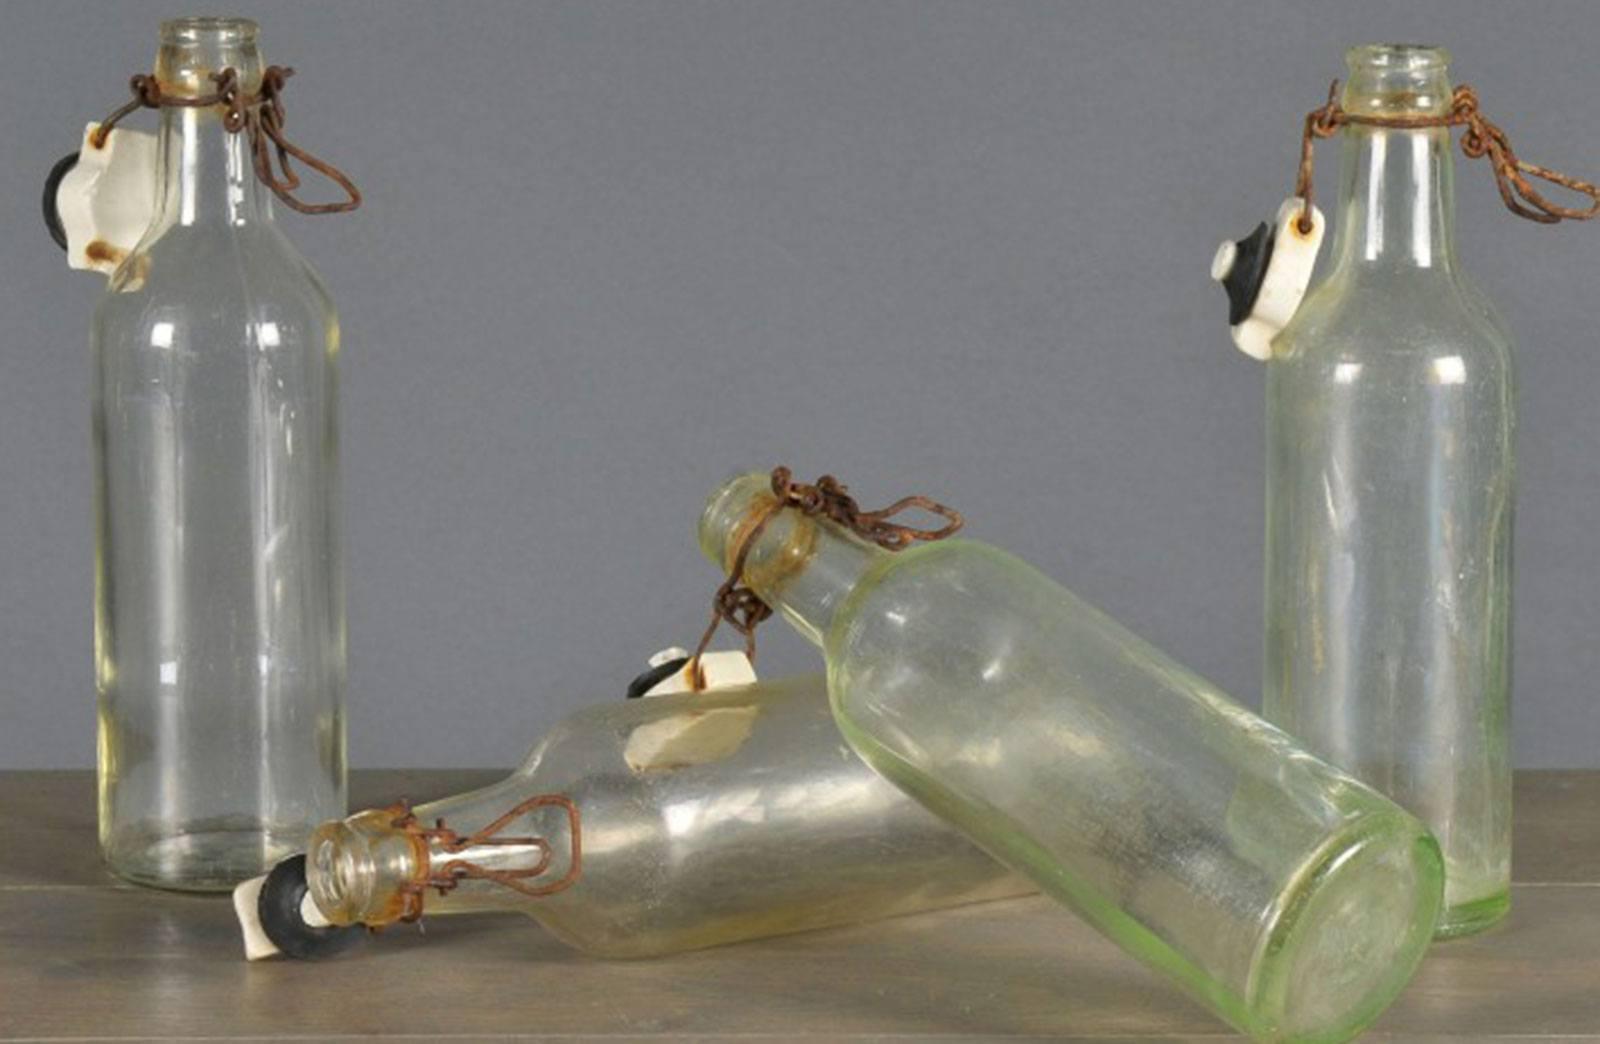 12-old-lemonade-bottle-8-x-h-20-cm